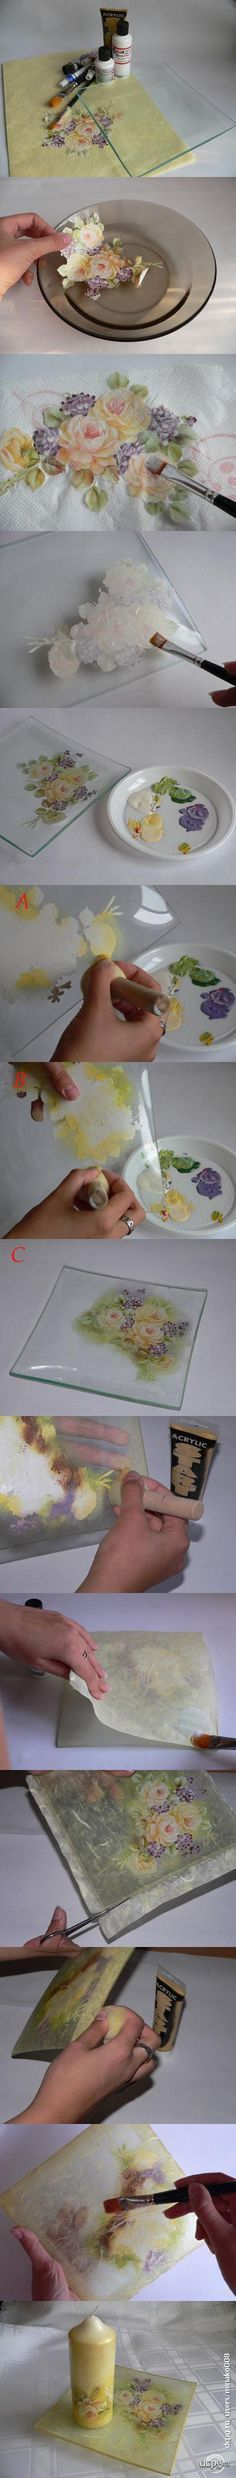 Tutorial decoracion bandeja cristal, tecnica decoupage